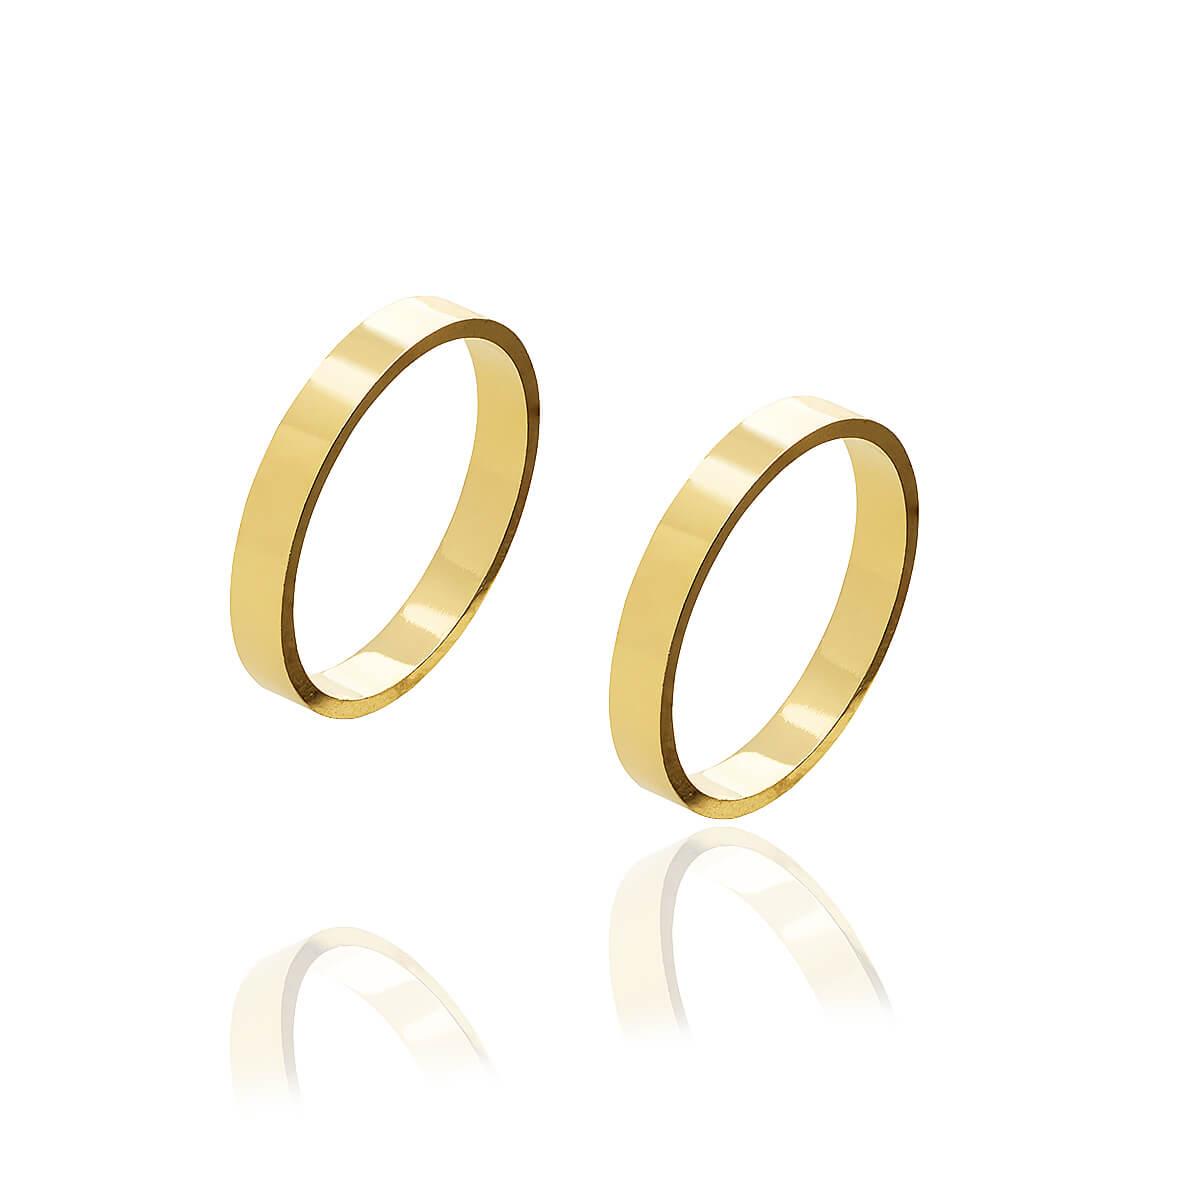 Par de alianças de Ouro retas com 3 mm de largura e 4g